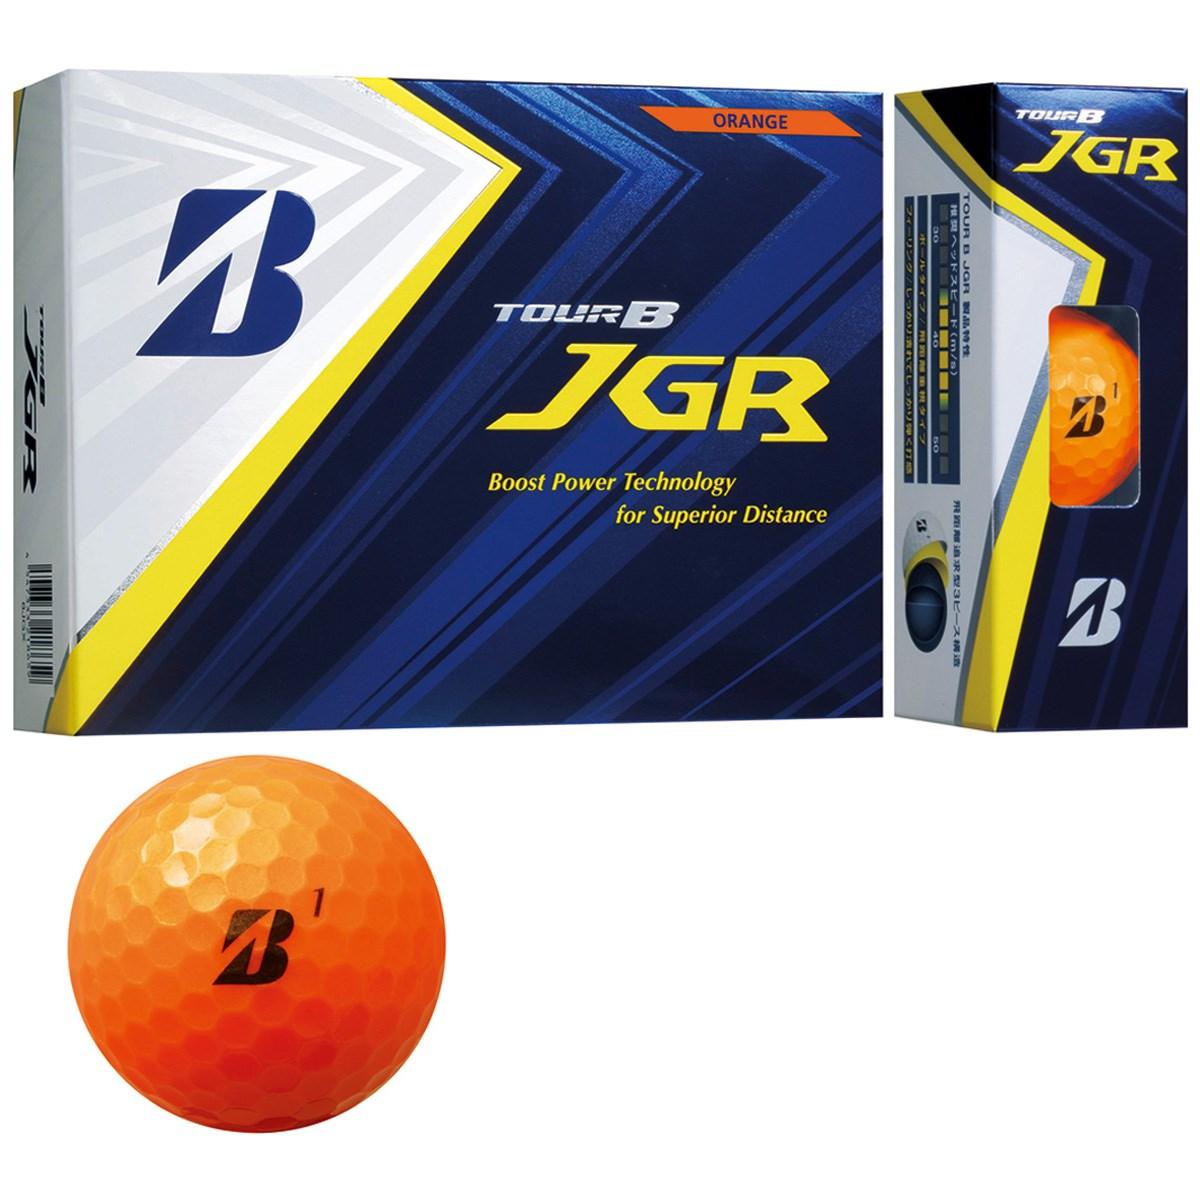 ブリヂストン TOUR B JGRボール 1ダース(12個入り) オレンジ